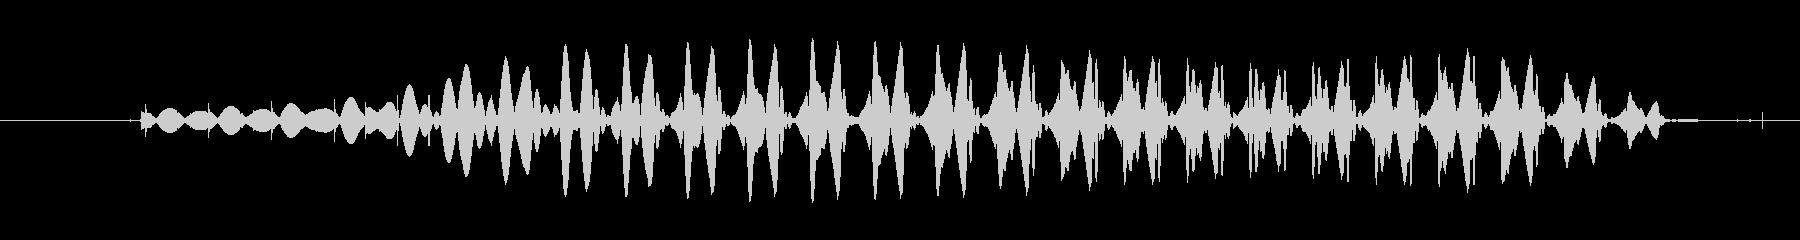 【効果音/ぽわー】の未再生の波形